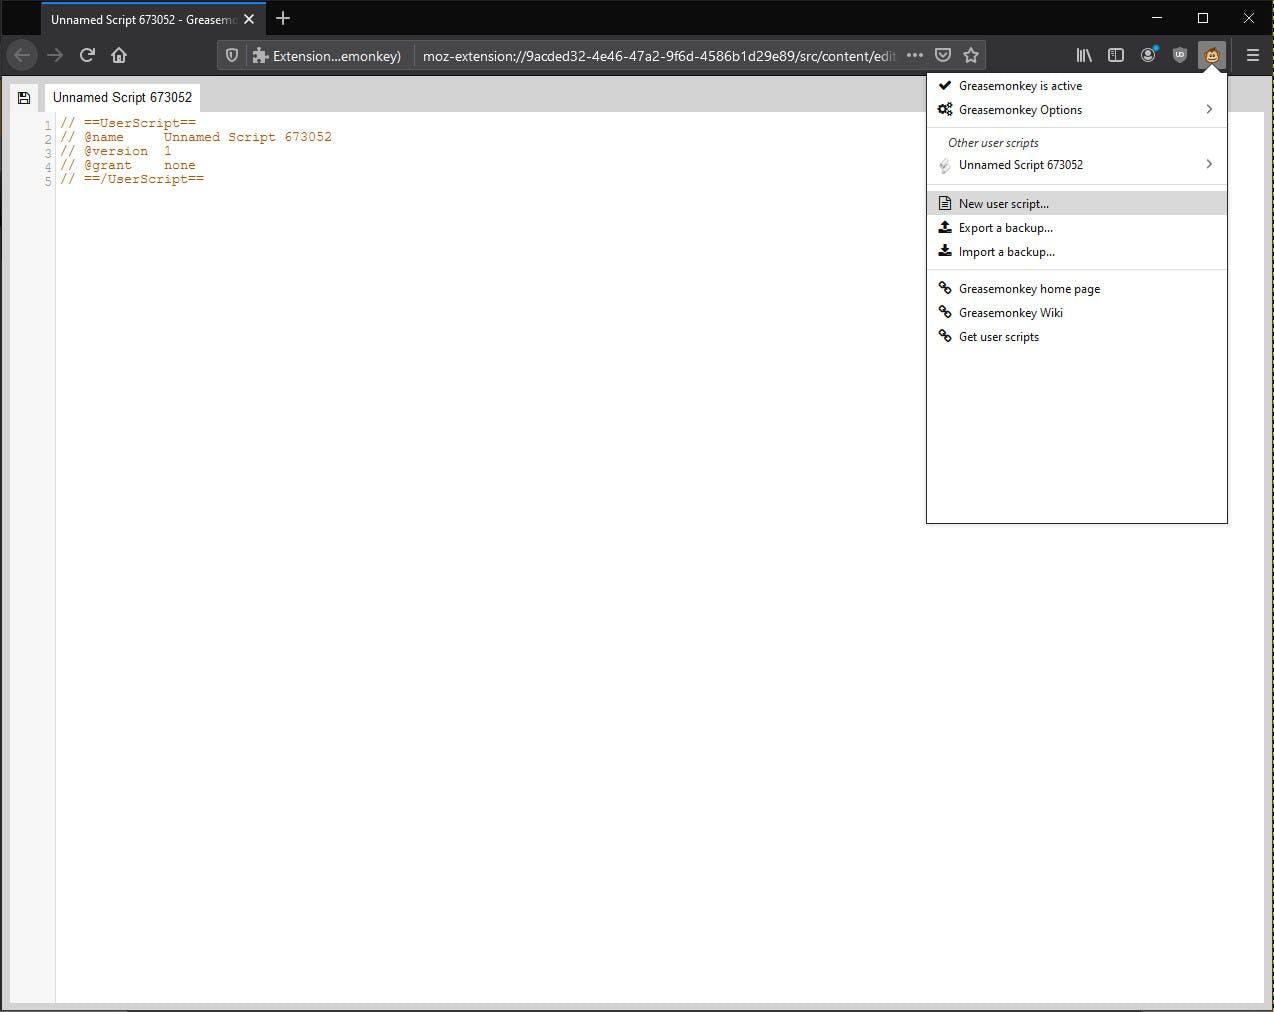 greasemonkey-add-userscript-ui.jpg